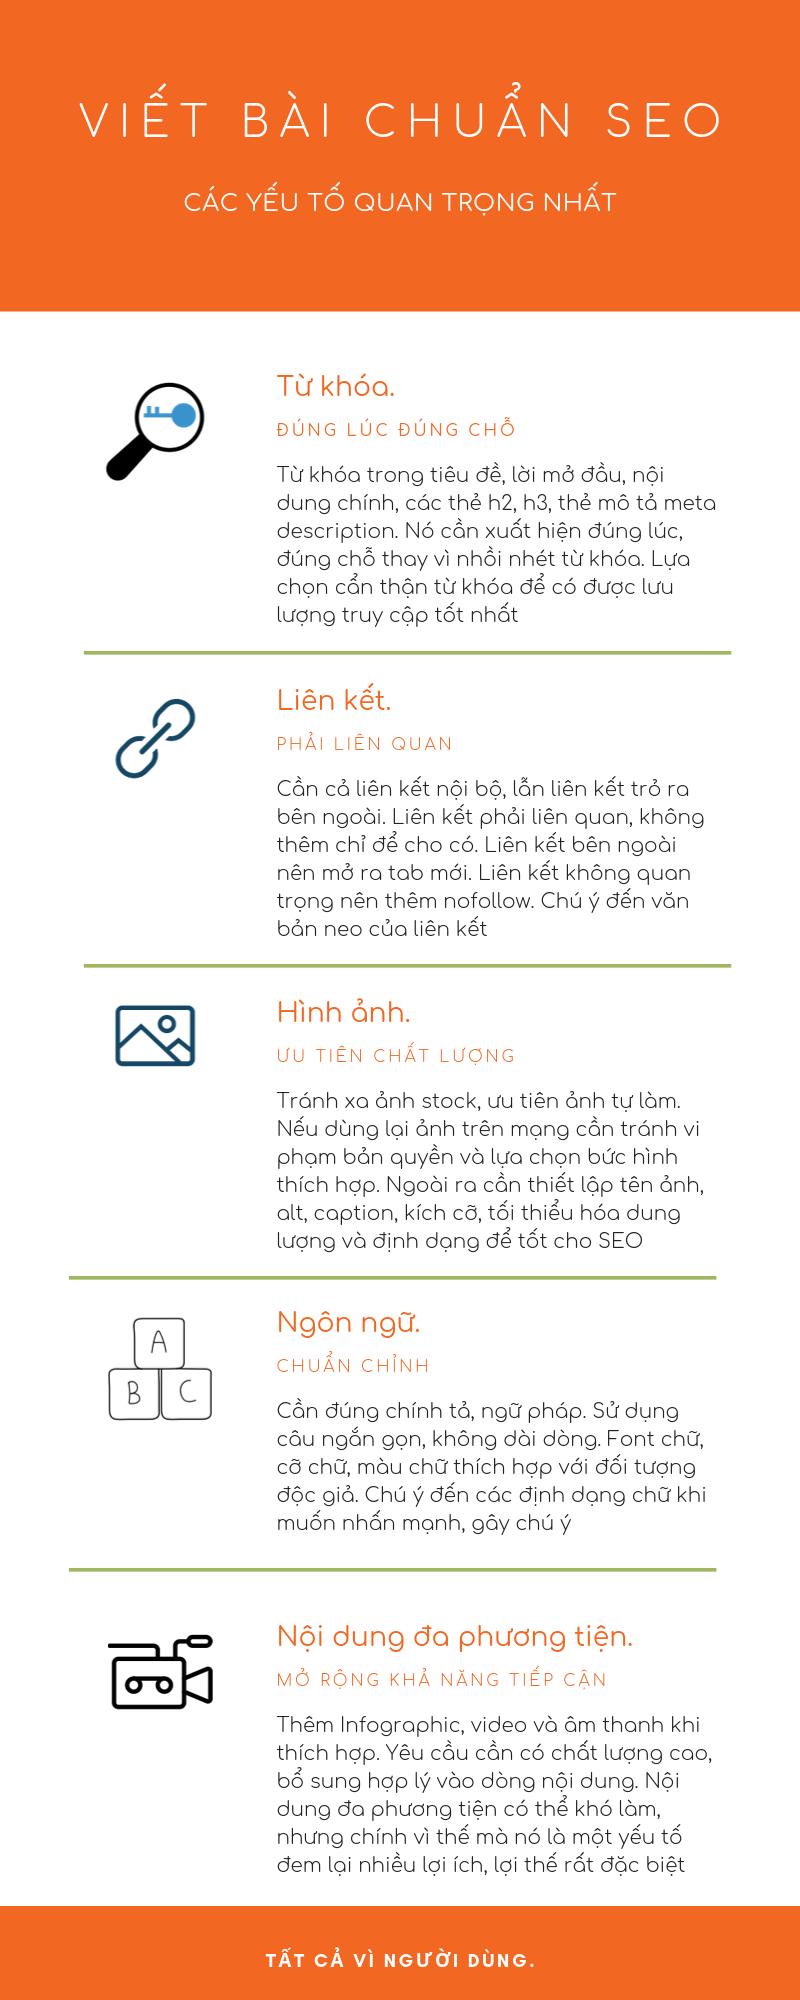 infographic viết bài chuẩn seo